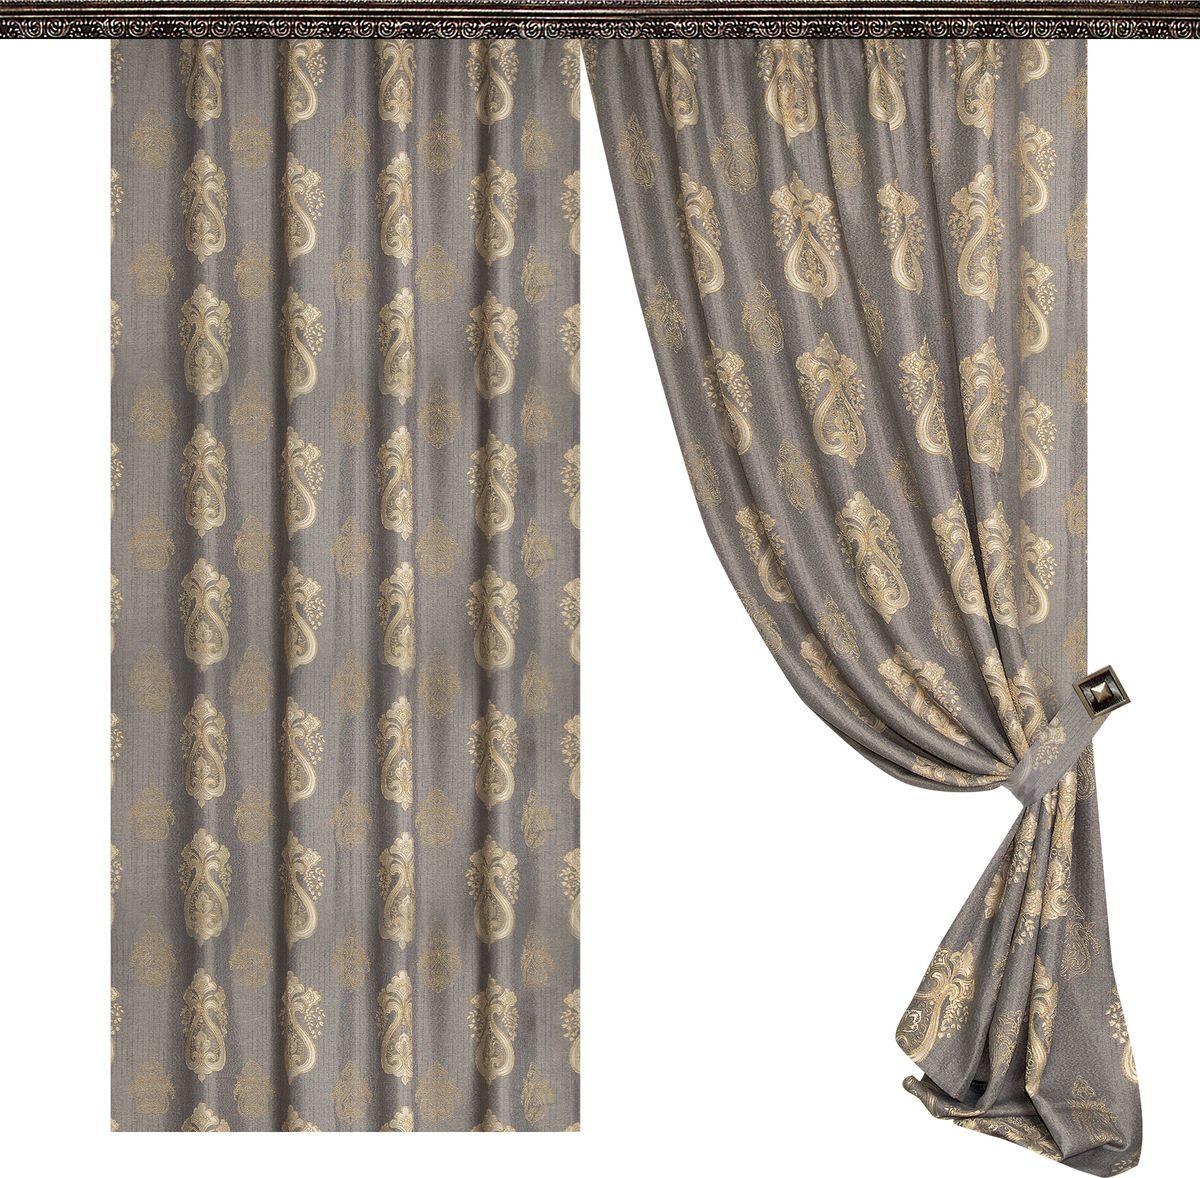 Комплект штор Zlata Korunka, на ленте, цвет: серый, золото, высота 270 см. 777032777032Роскошный комплект штор Zlata Korunka комплект состоит из двух штор и двух подхватов, выполненных из 100% полиэстера, которыевеликолепно украсит любое окно. Плотная ткань, оригинальный орнамент и приятная цветовая гамма привлекут к себе внимание и органично впишутся в интерьерпомещения.Комплект крепится на карниз при помощи шторной ленты, которая поможеткрасиво и равномерно задрапировать верх. Этот комплект будет долгое время радовать вас и вашу семью!В комплект входит:Штора: 2 шт. Размер (ШхВ): 160 см х 270 см.Подхват: 2 шт.